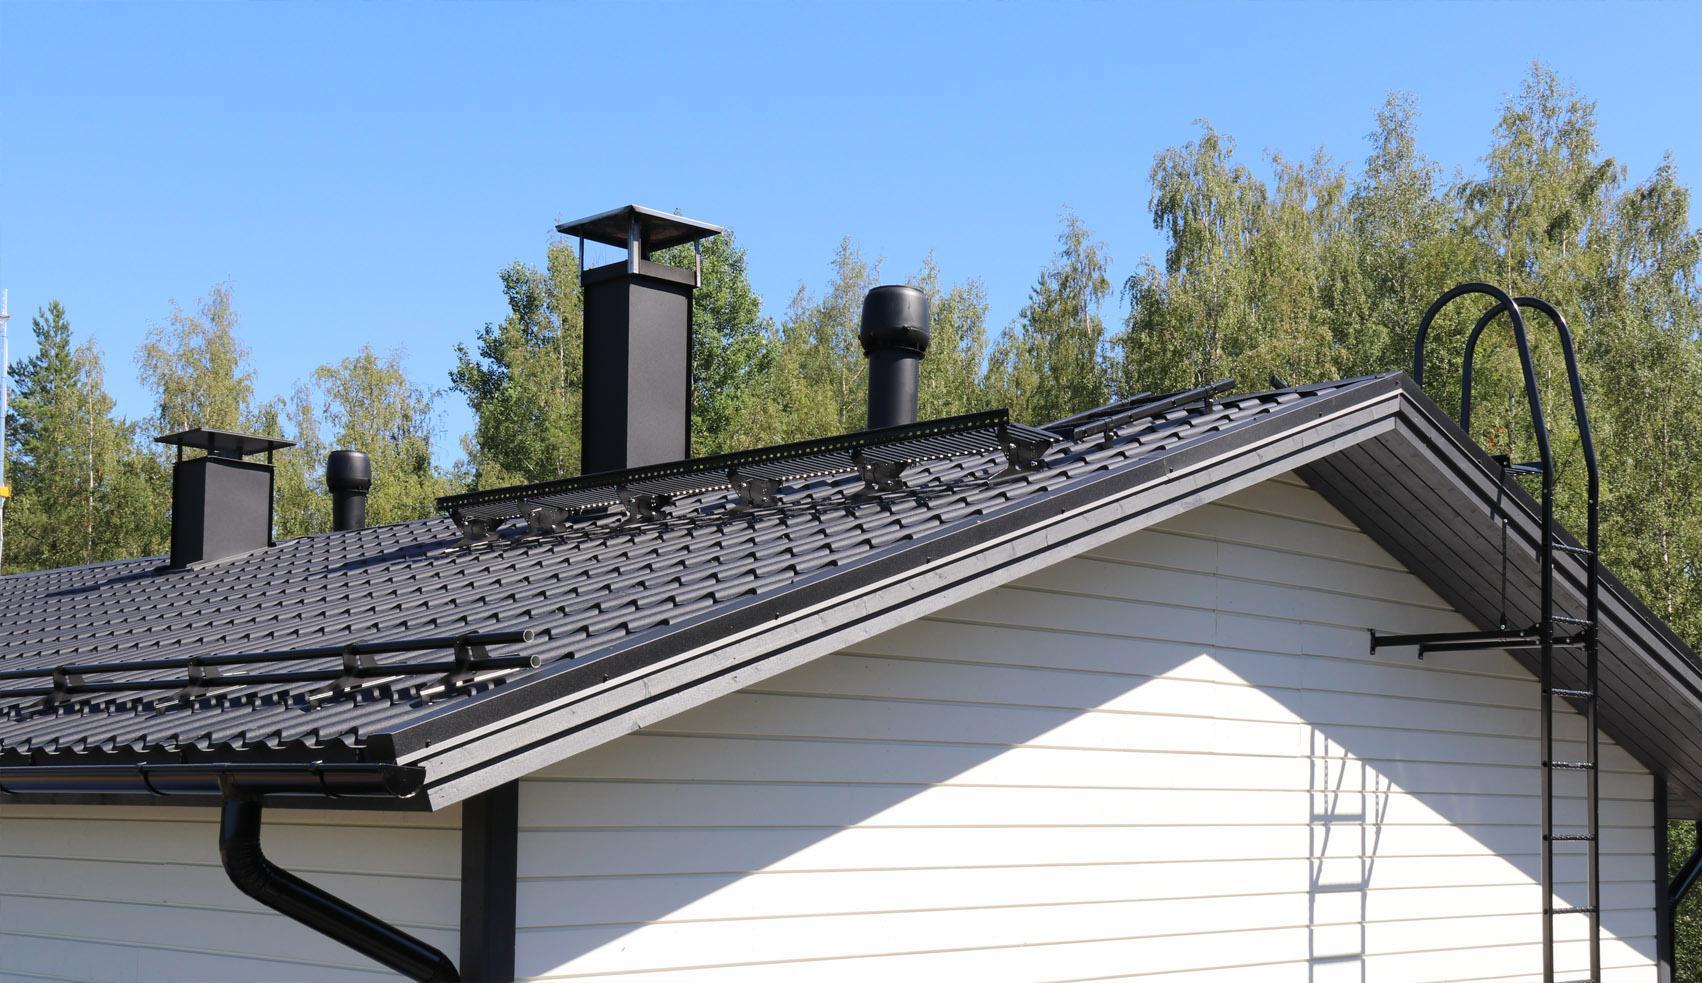 Valitse pisko seinätikas, kattotikas ja kattosilta niin turvaat kulkusi katolla.